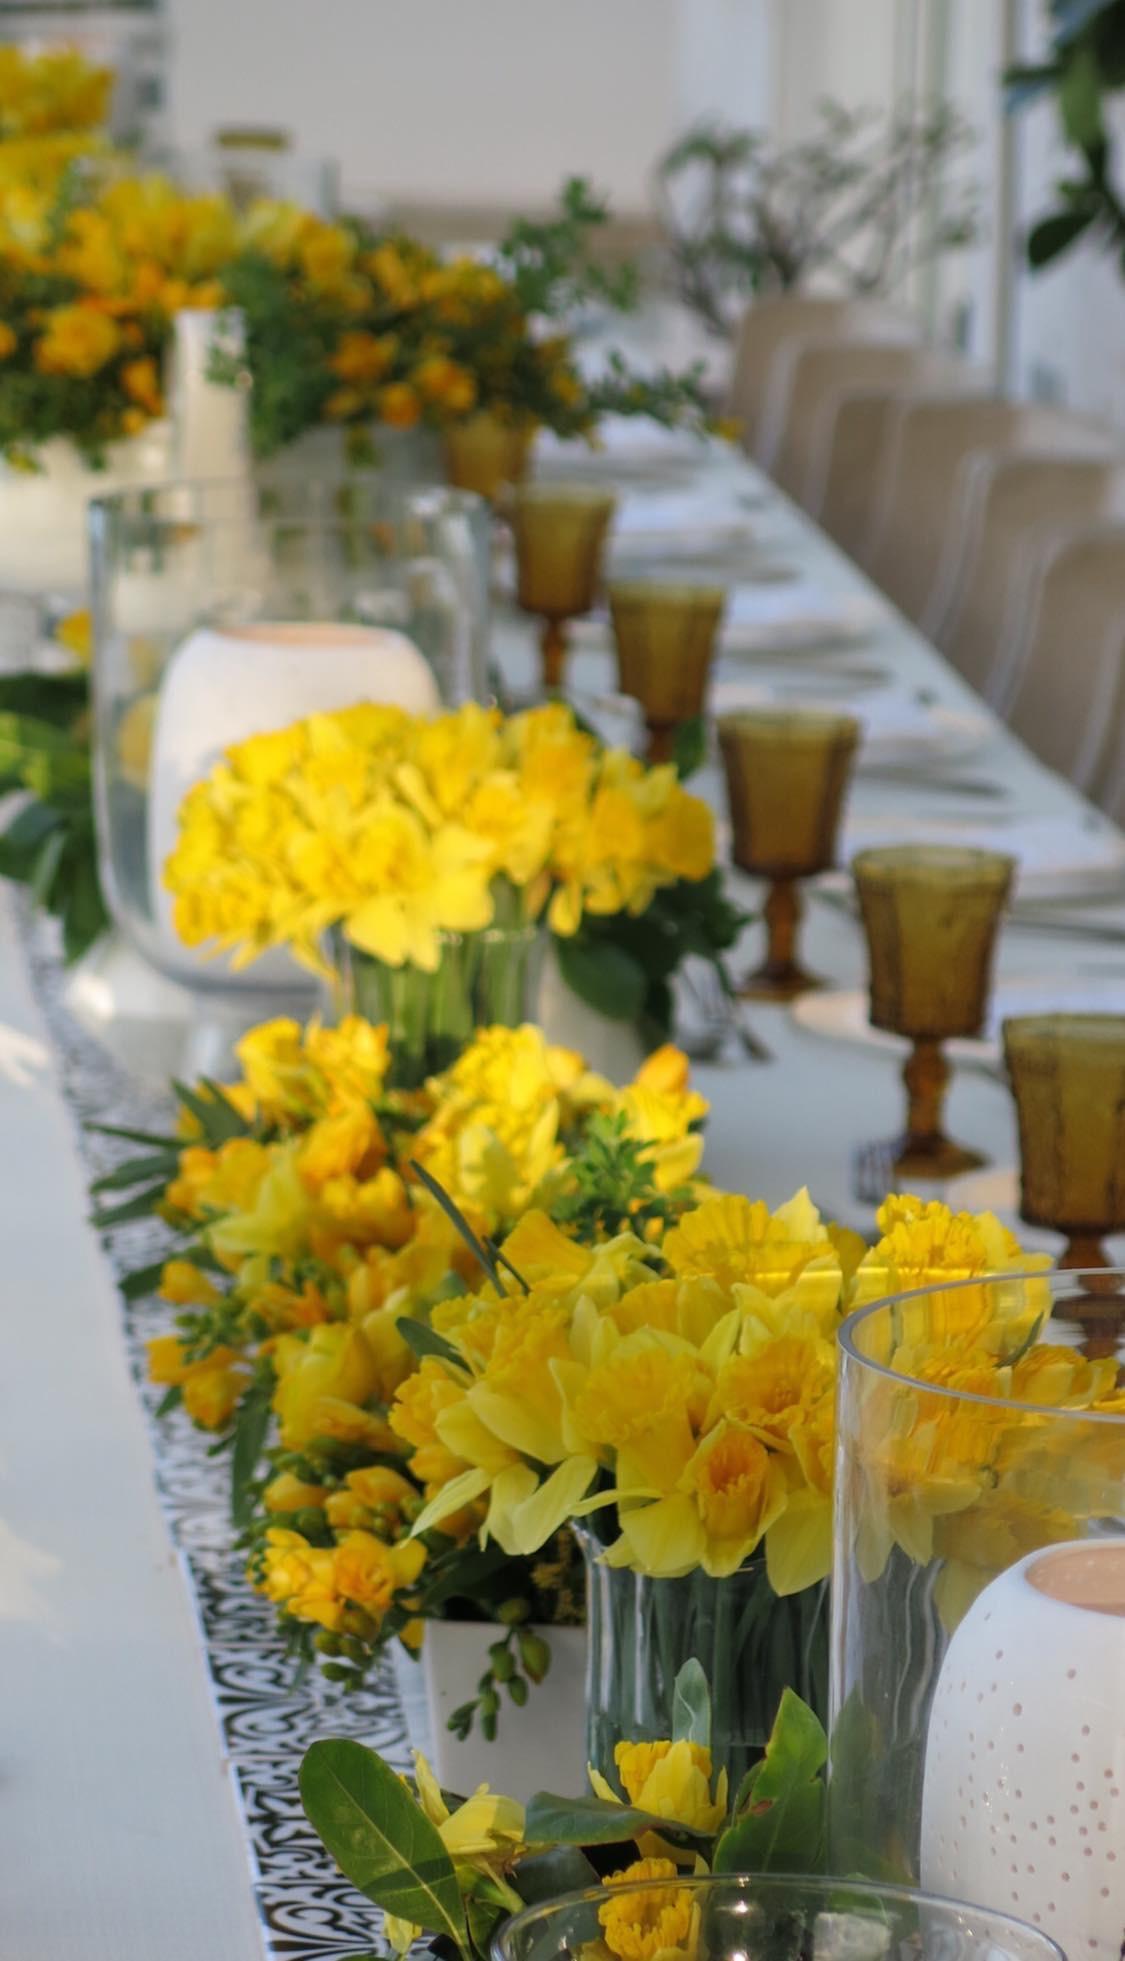 La mayoría de las veces, una instalación floral junto a un elemento -especialmente- de metal o texturizado- es más que suficiente para causar una buena impresión. (Julio Cintrón)